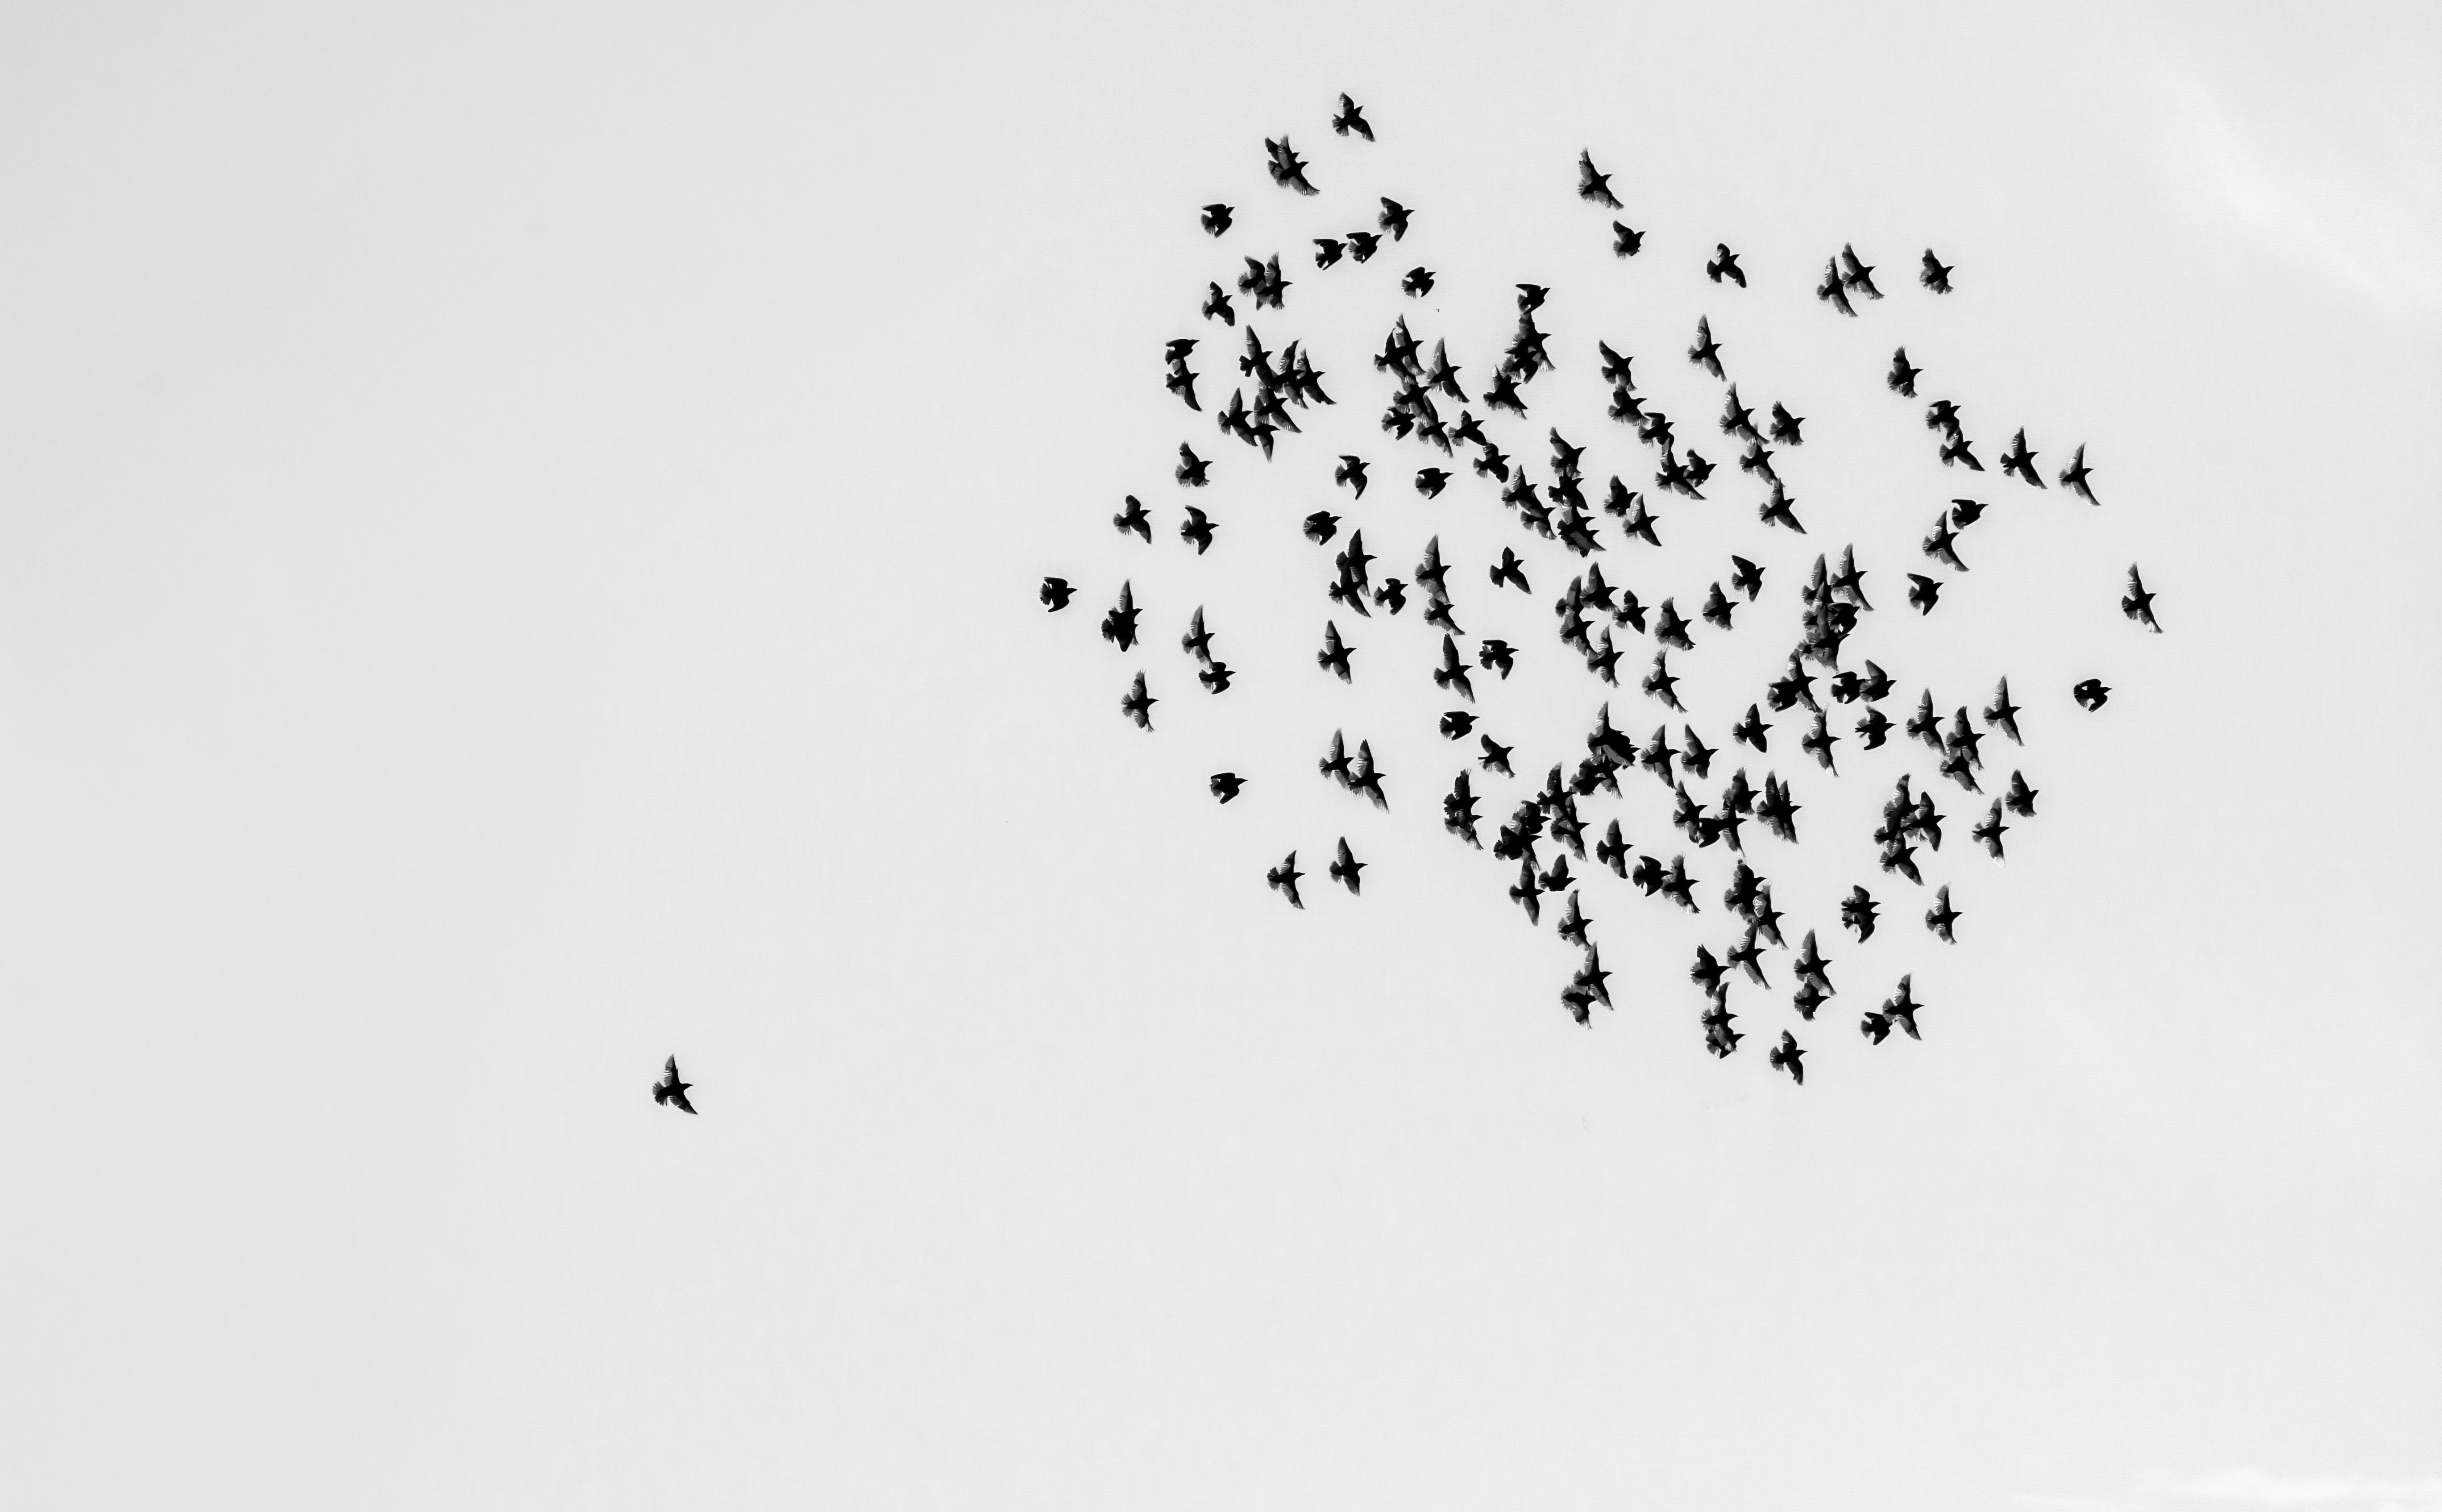 Sky alone alone among many